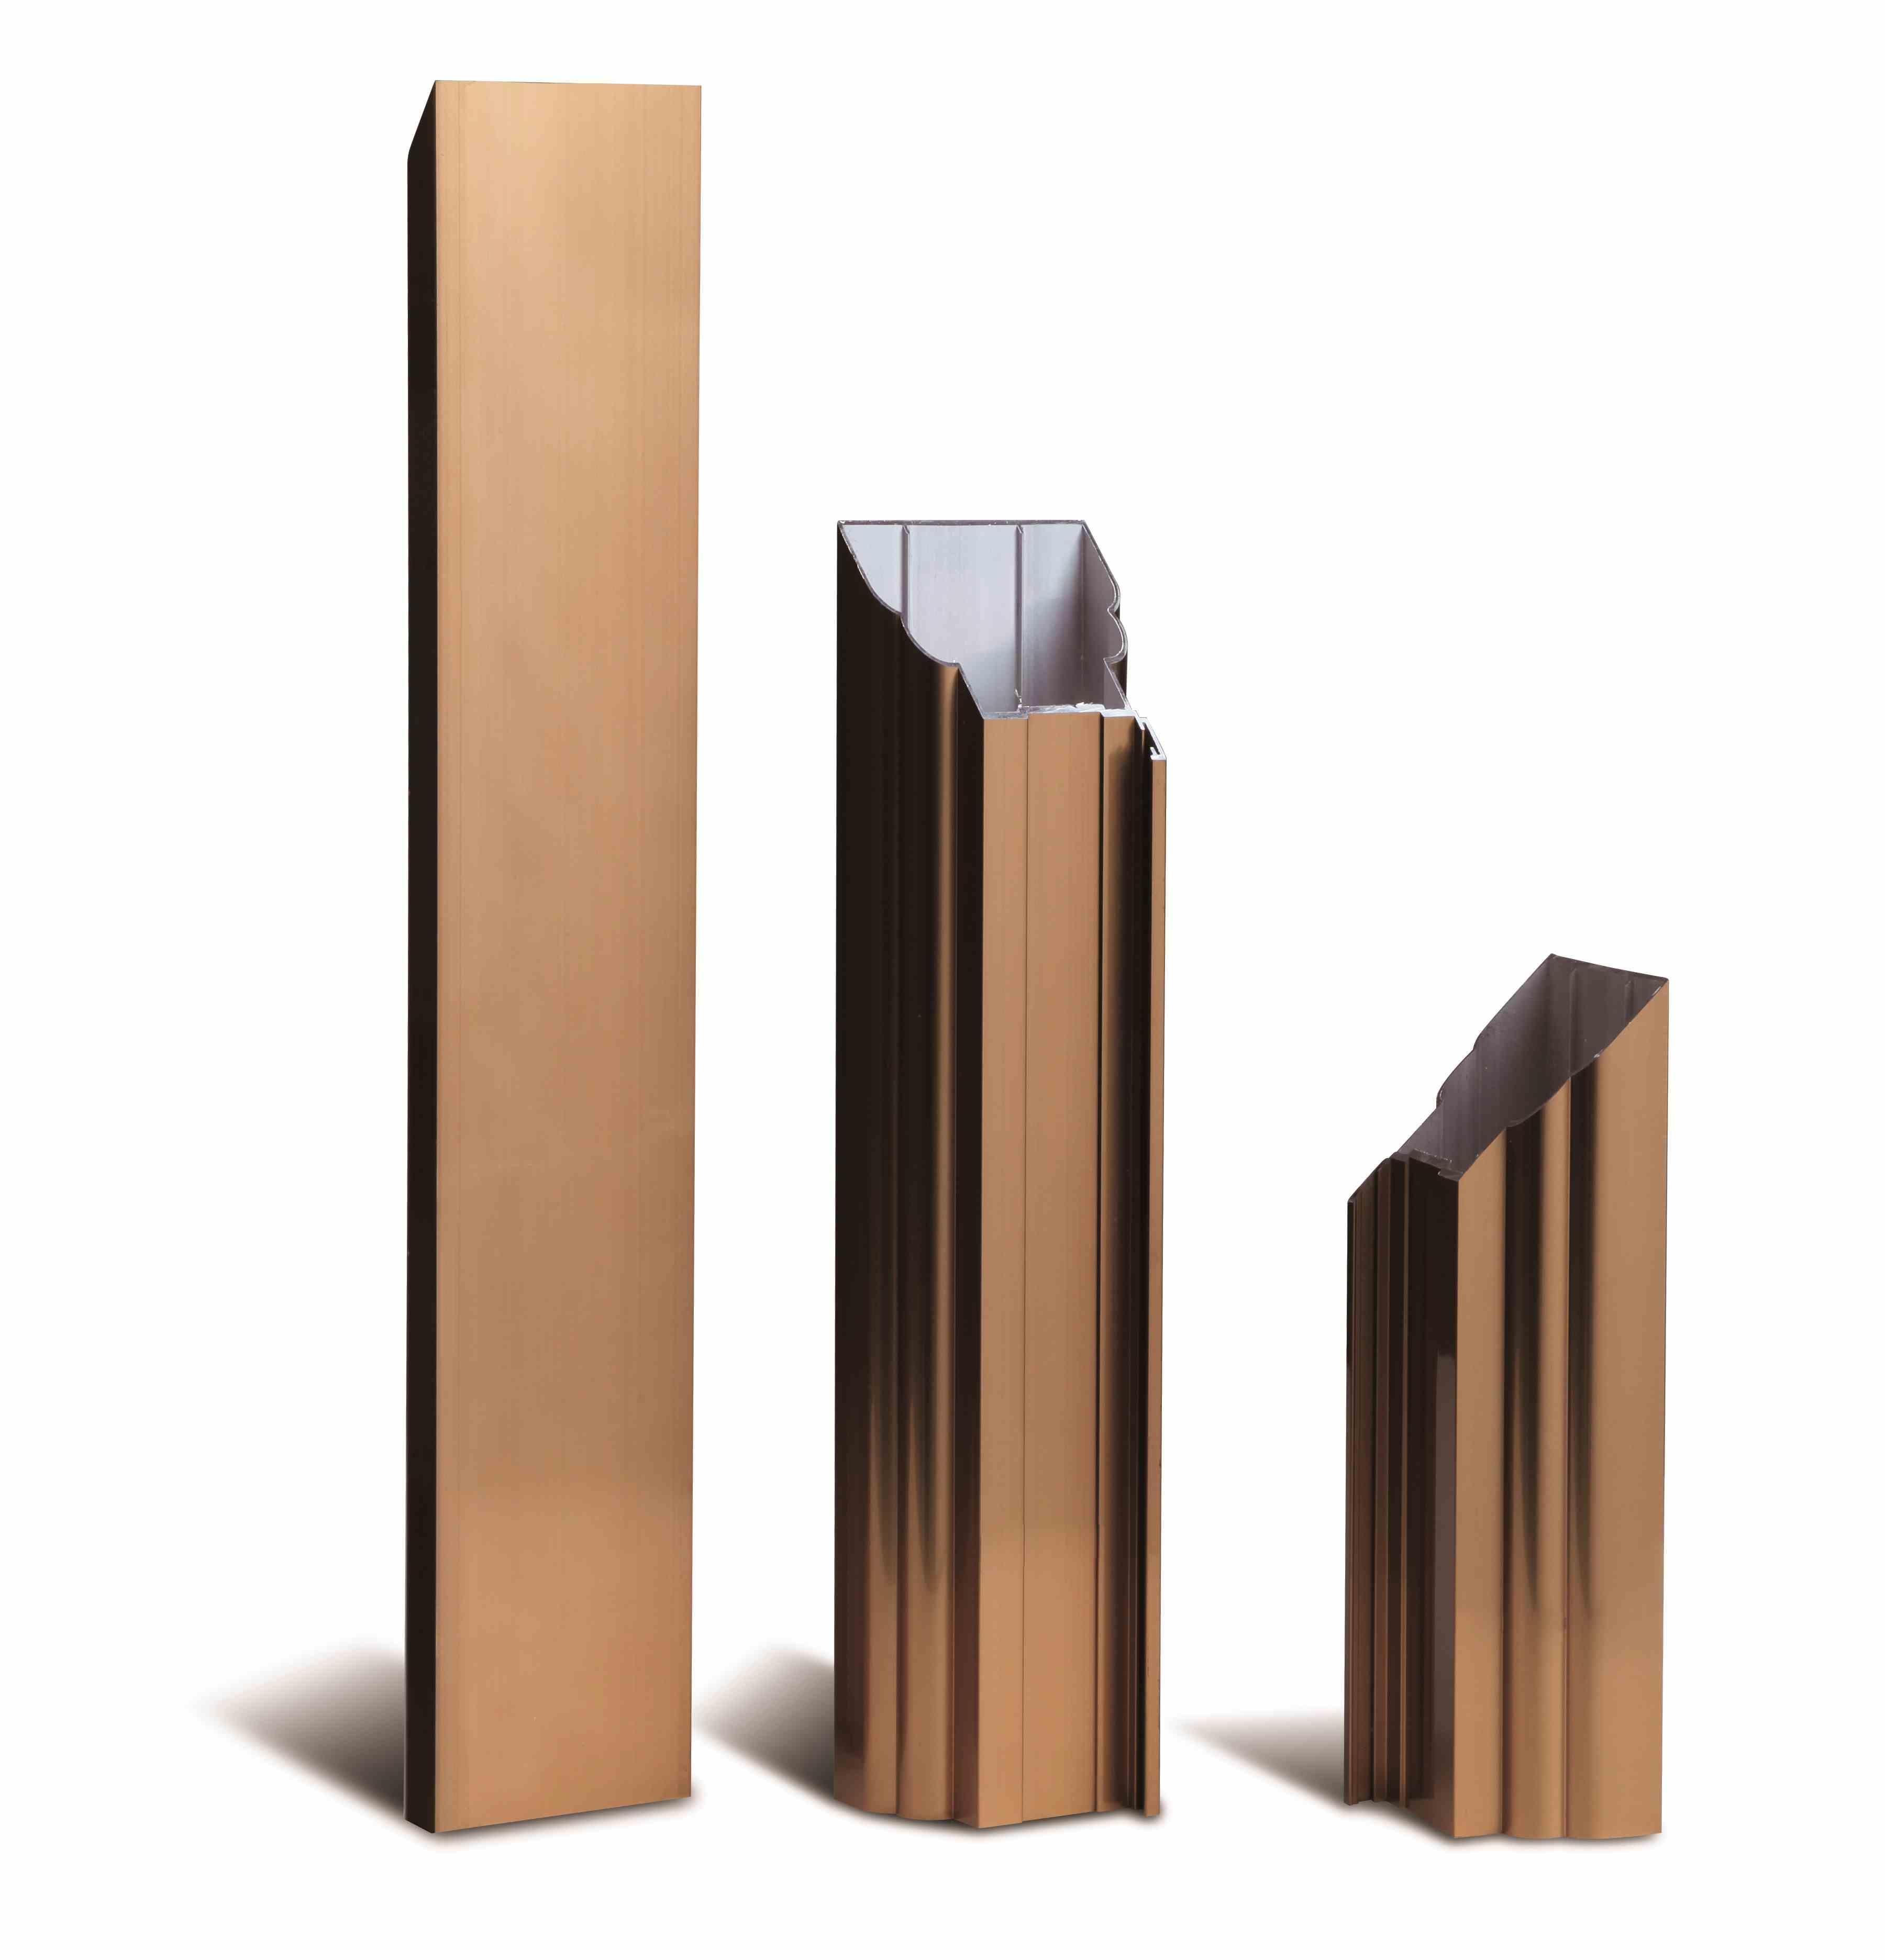 高力登专业生产铝合金建筑型材